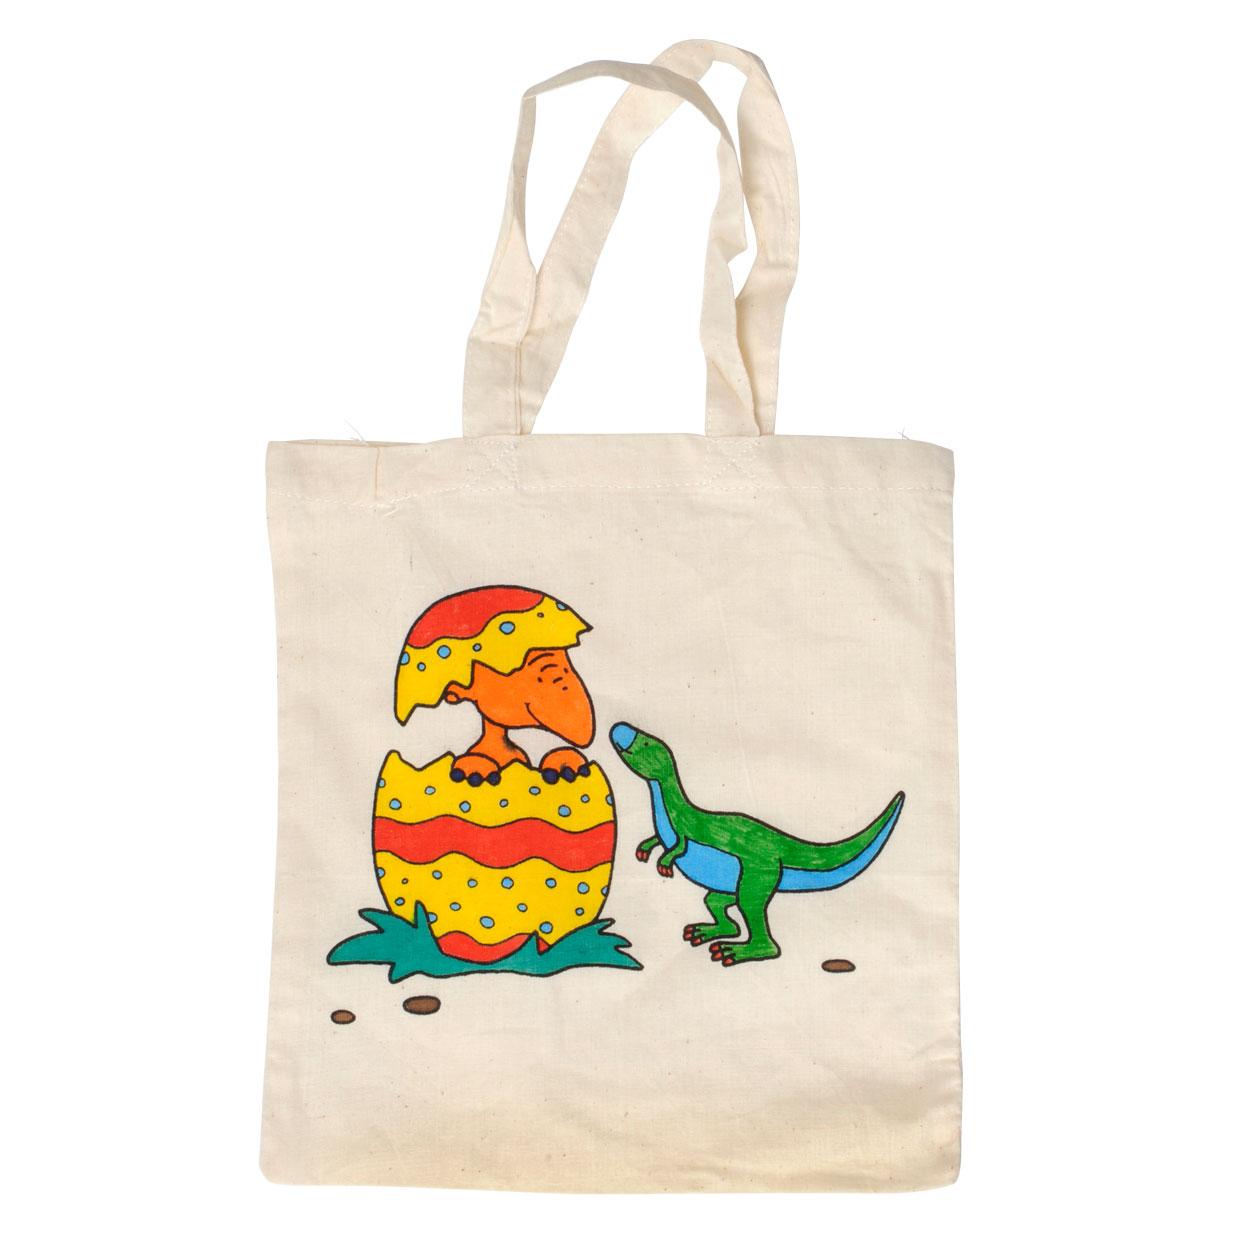 e5b65110255 Katoenen Draagtas - Dinosaurus online kopen | Lobbes.nl